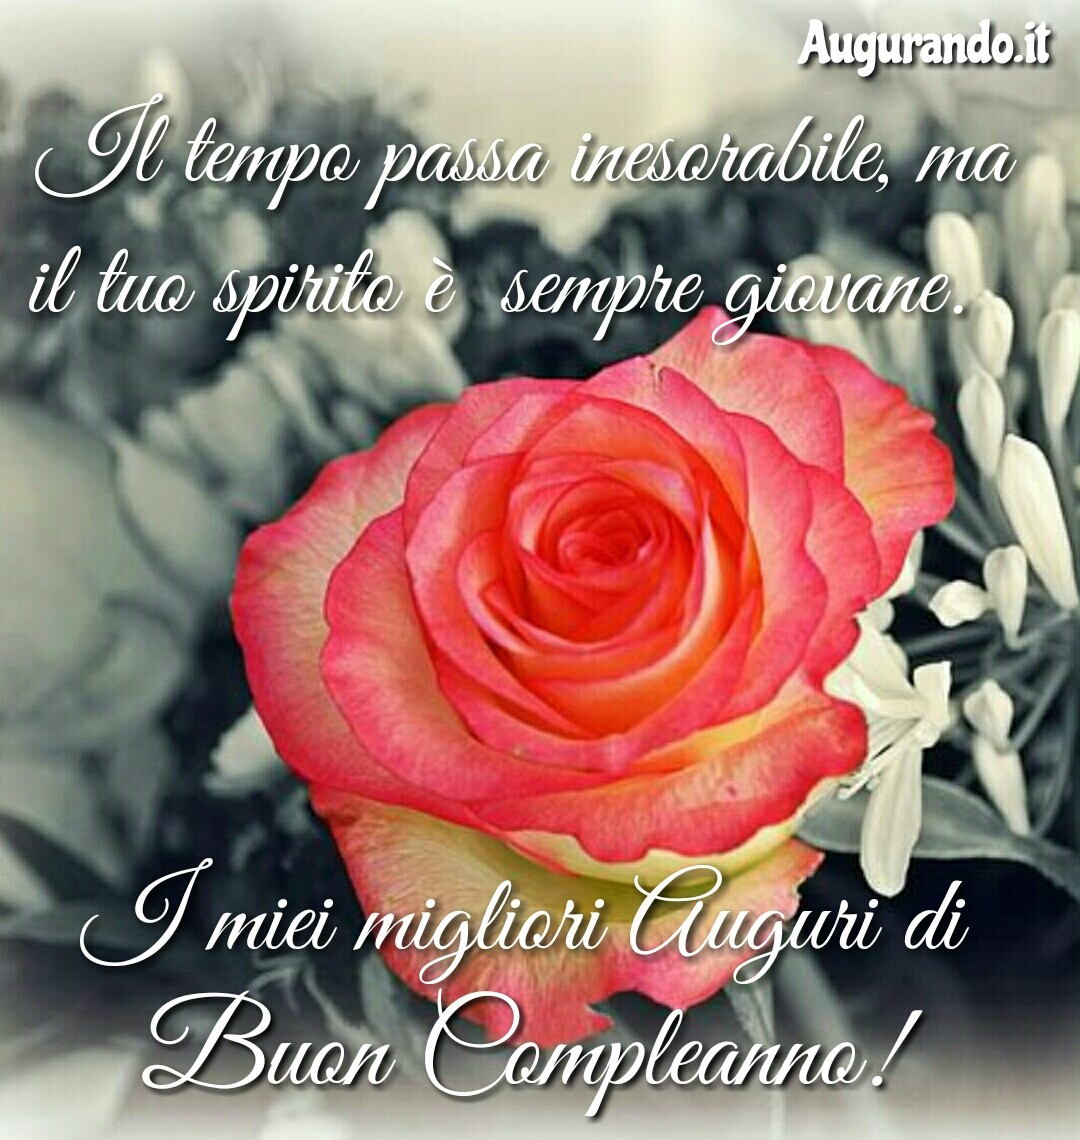 Auguri,tanti auguri, buon compleanno, festa compleanno, felice compleanno, augurissimi, happy birthday,